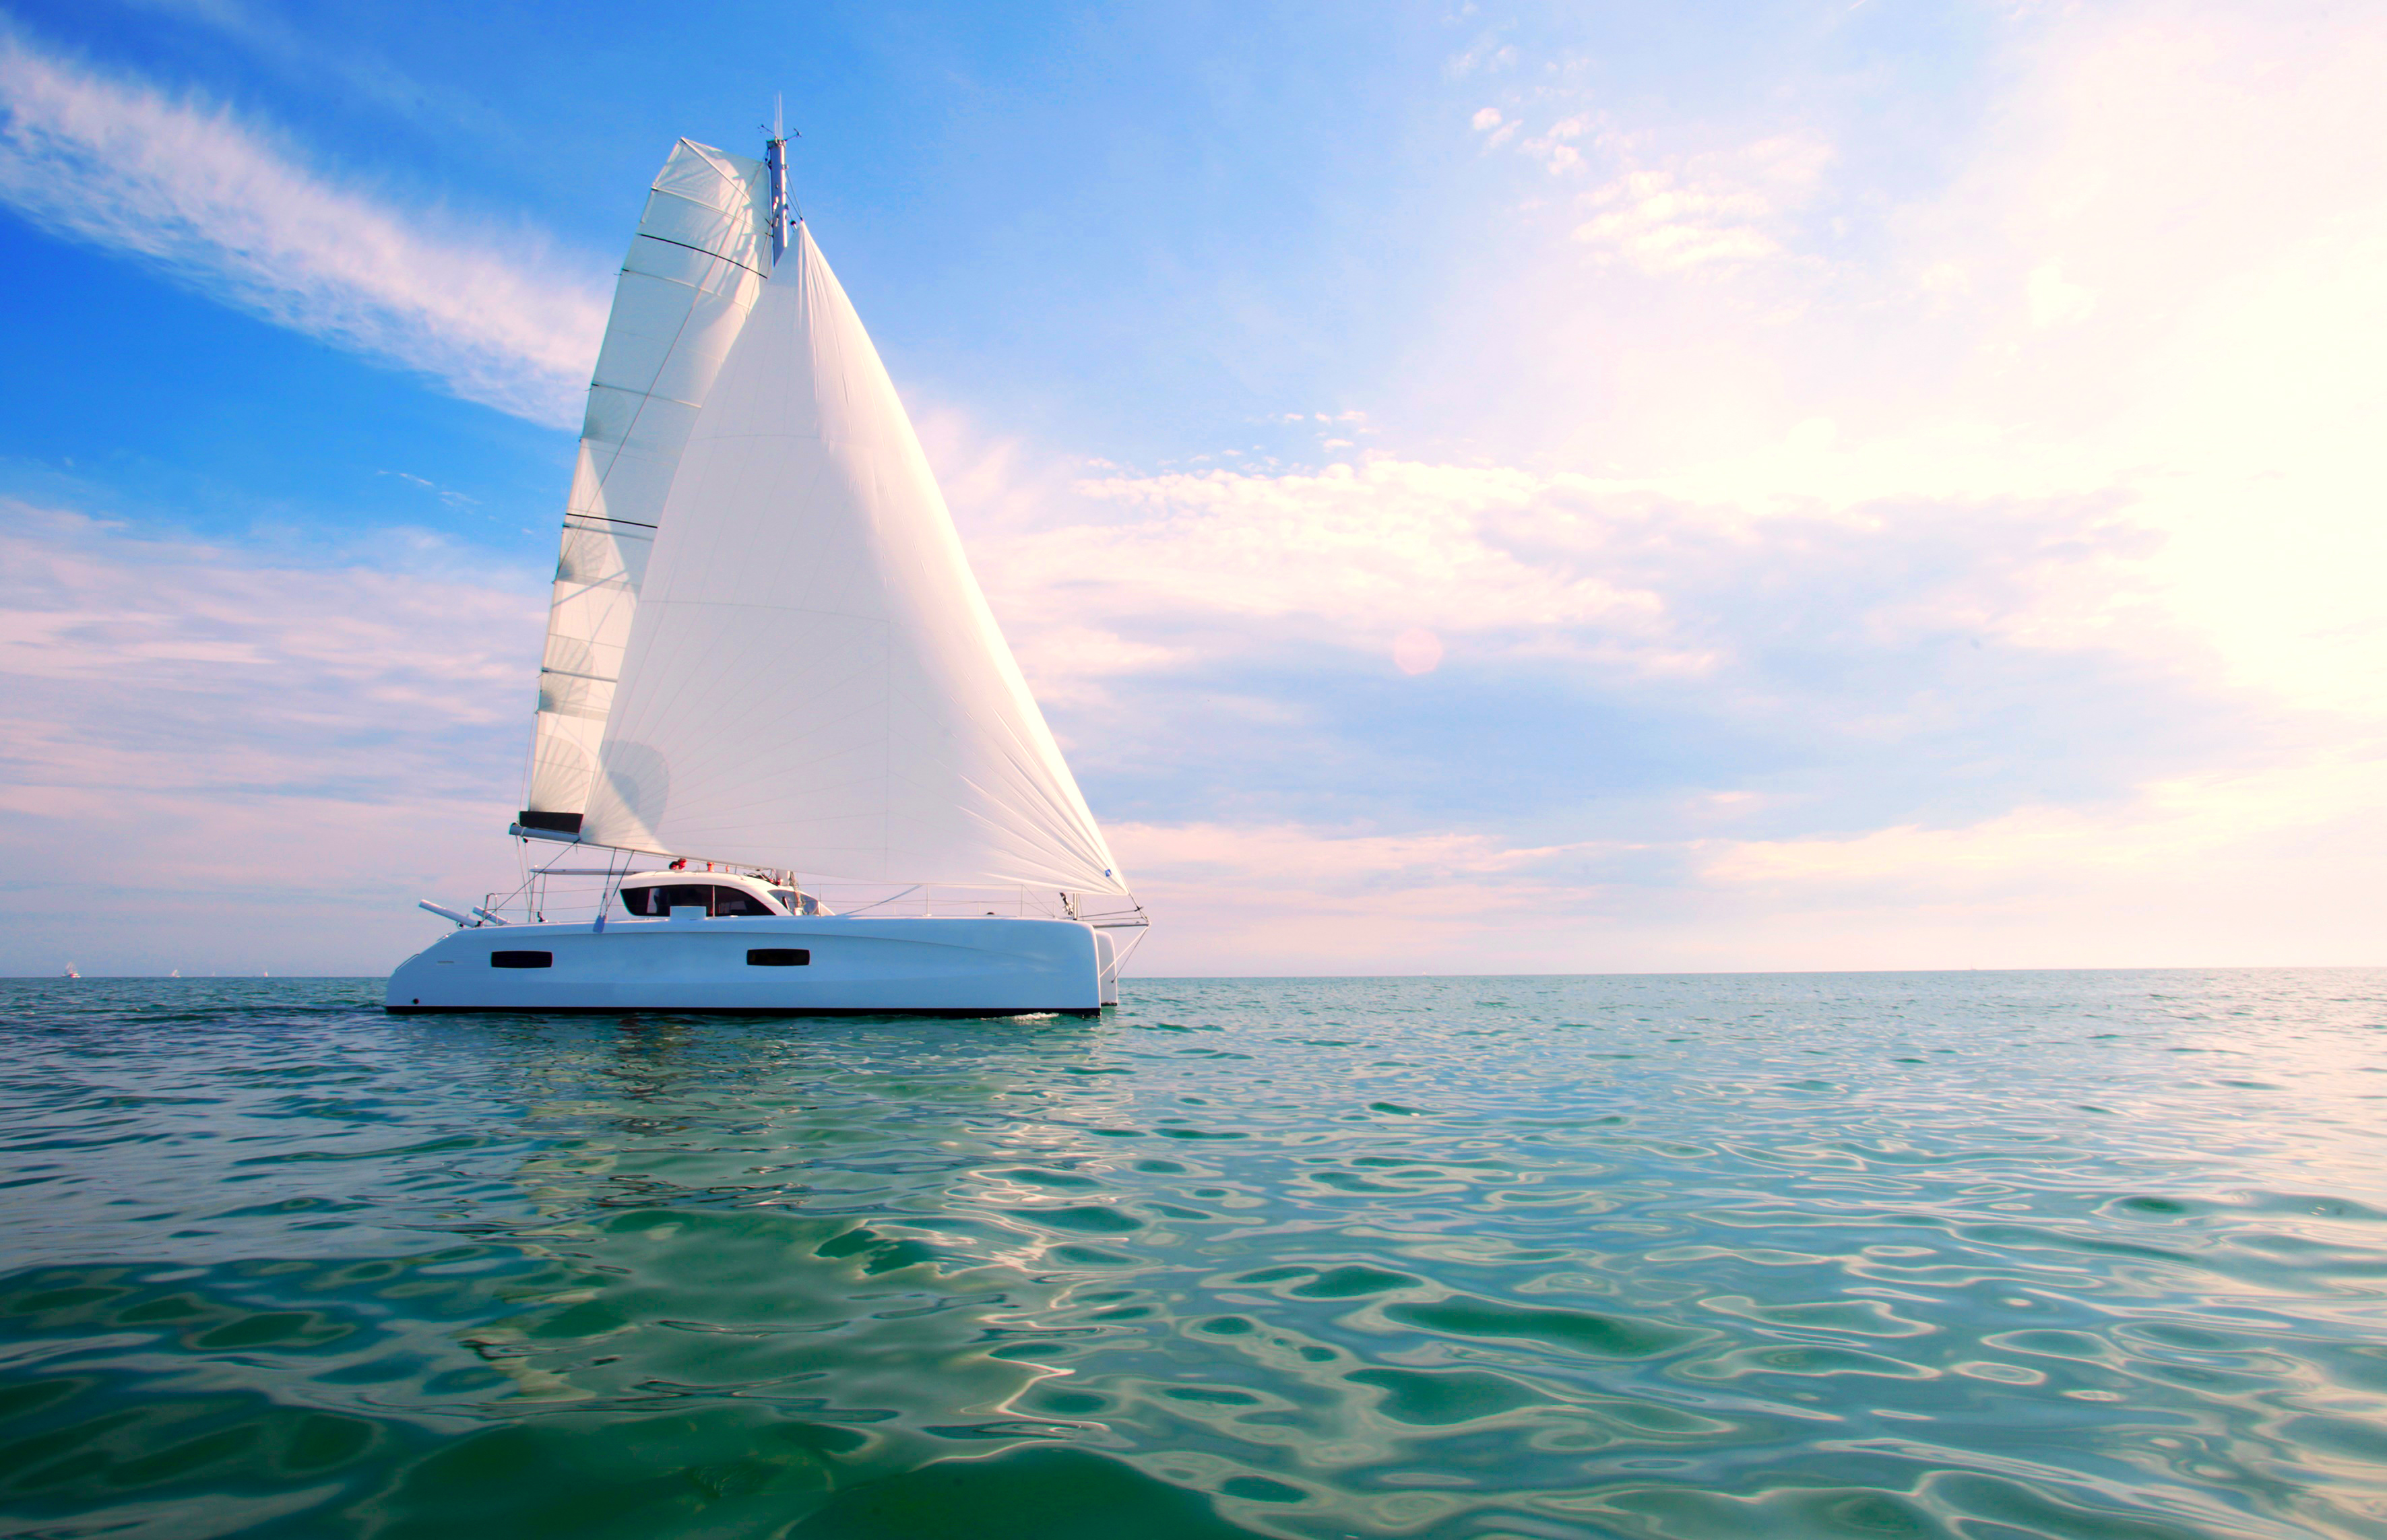 Песня открытка море яхта